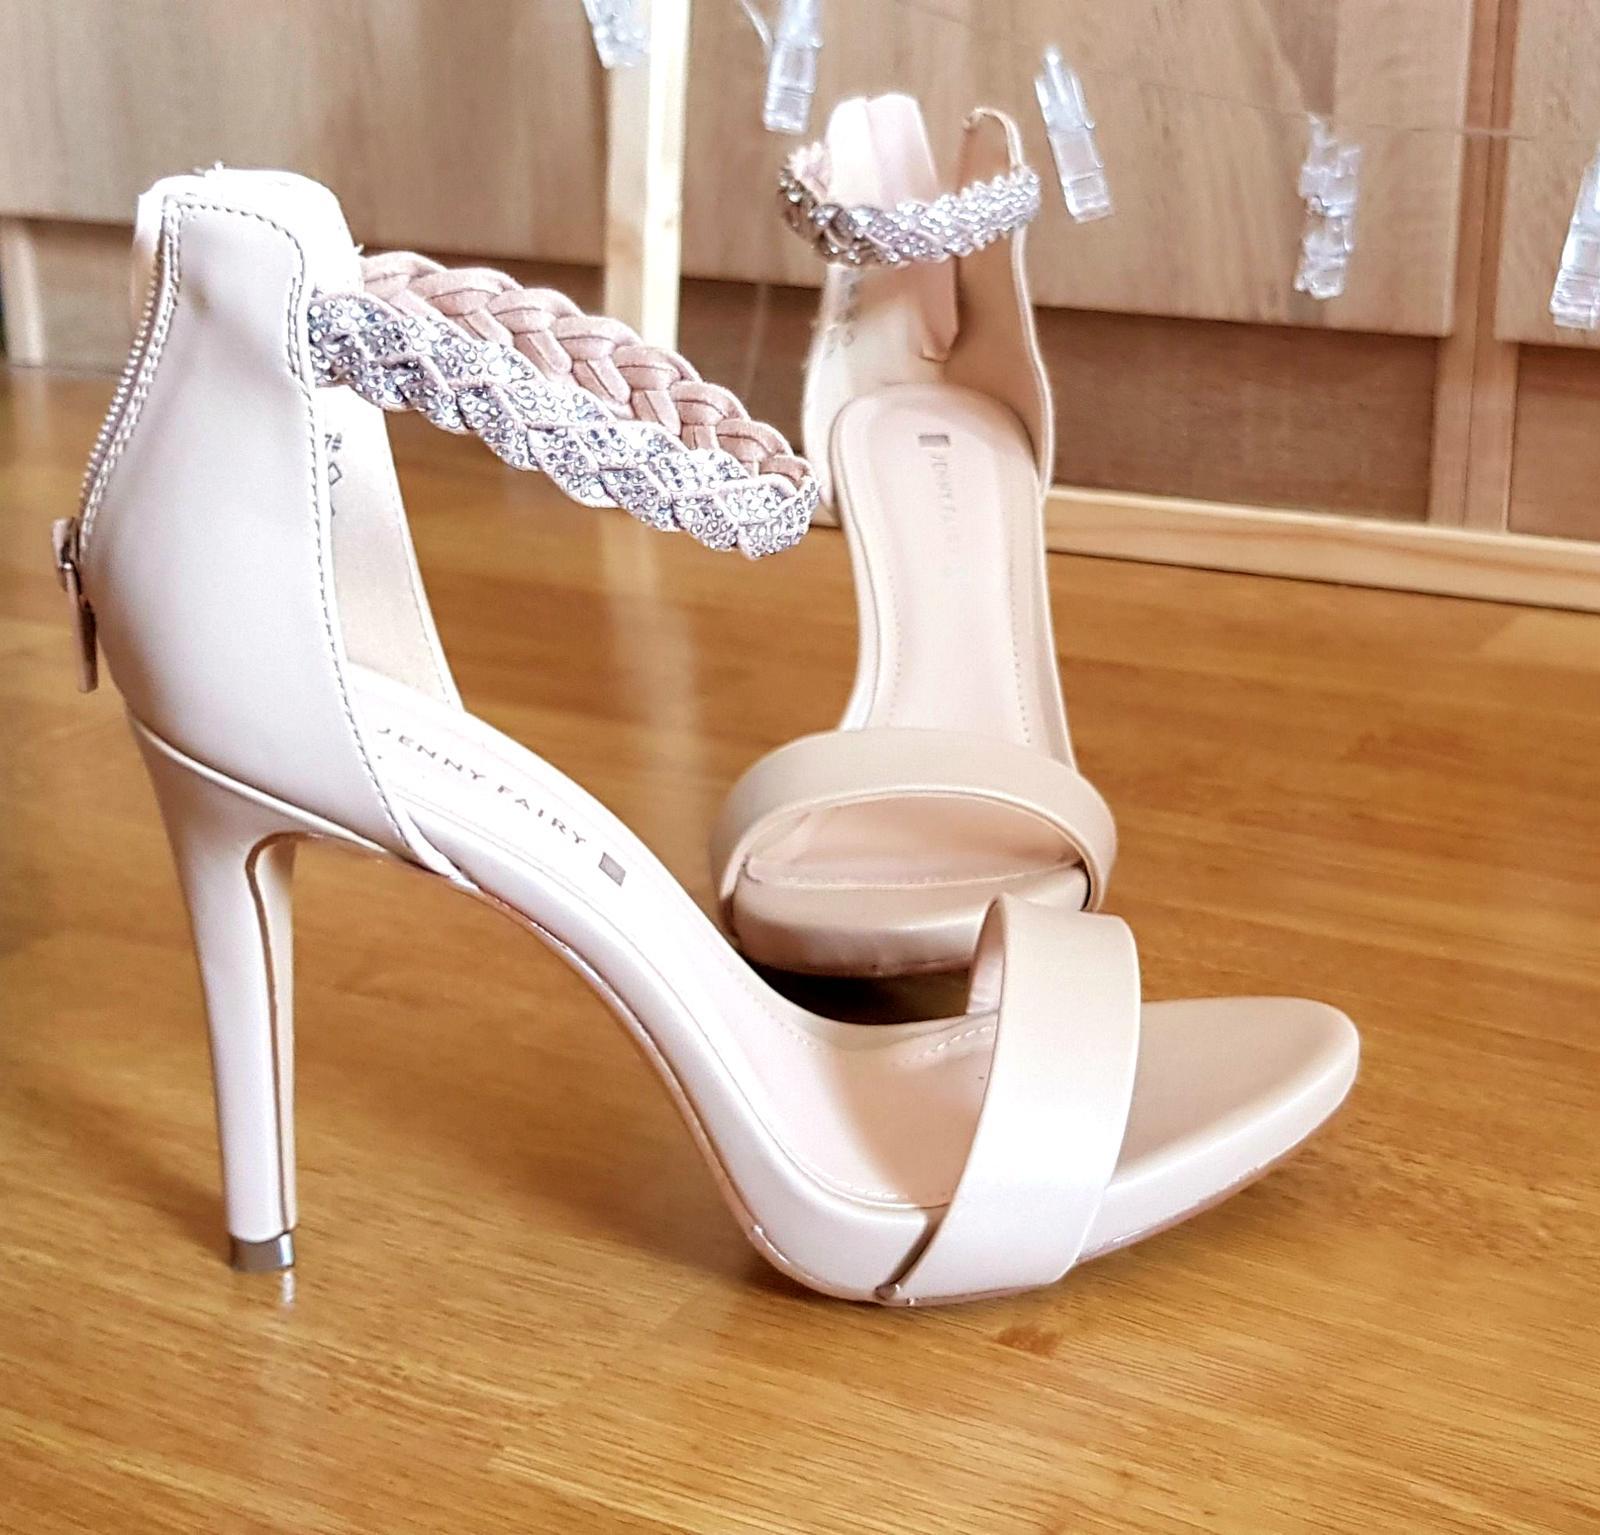 Púdrové sandálky, veľ.37 - Obrázok č. 1